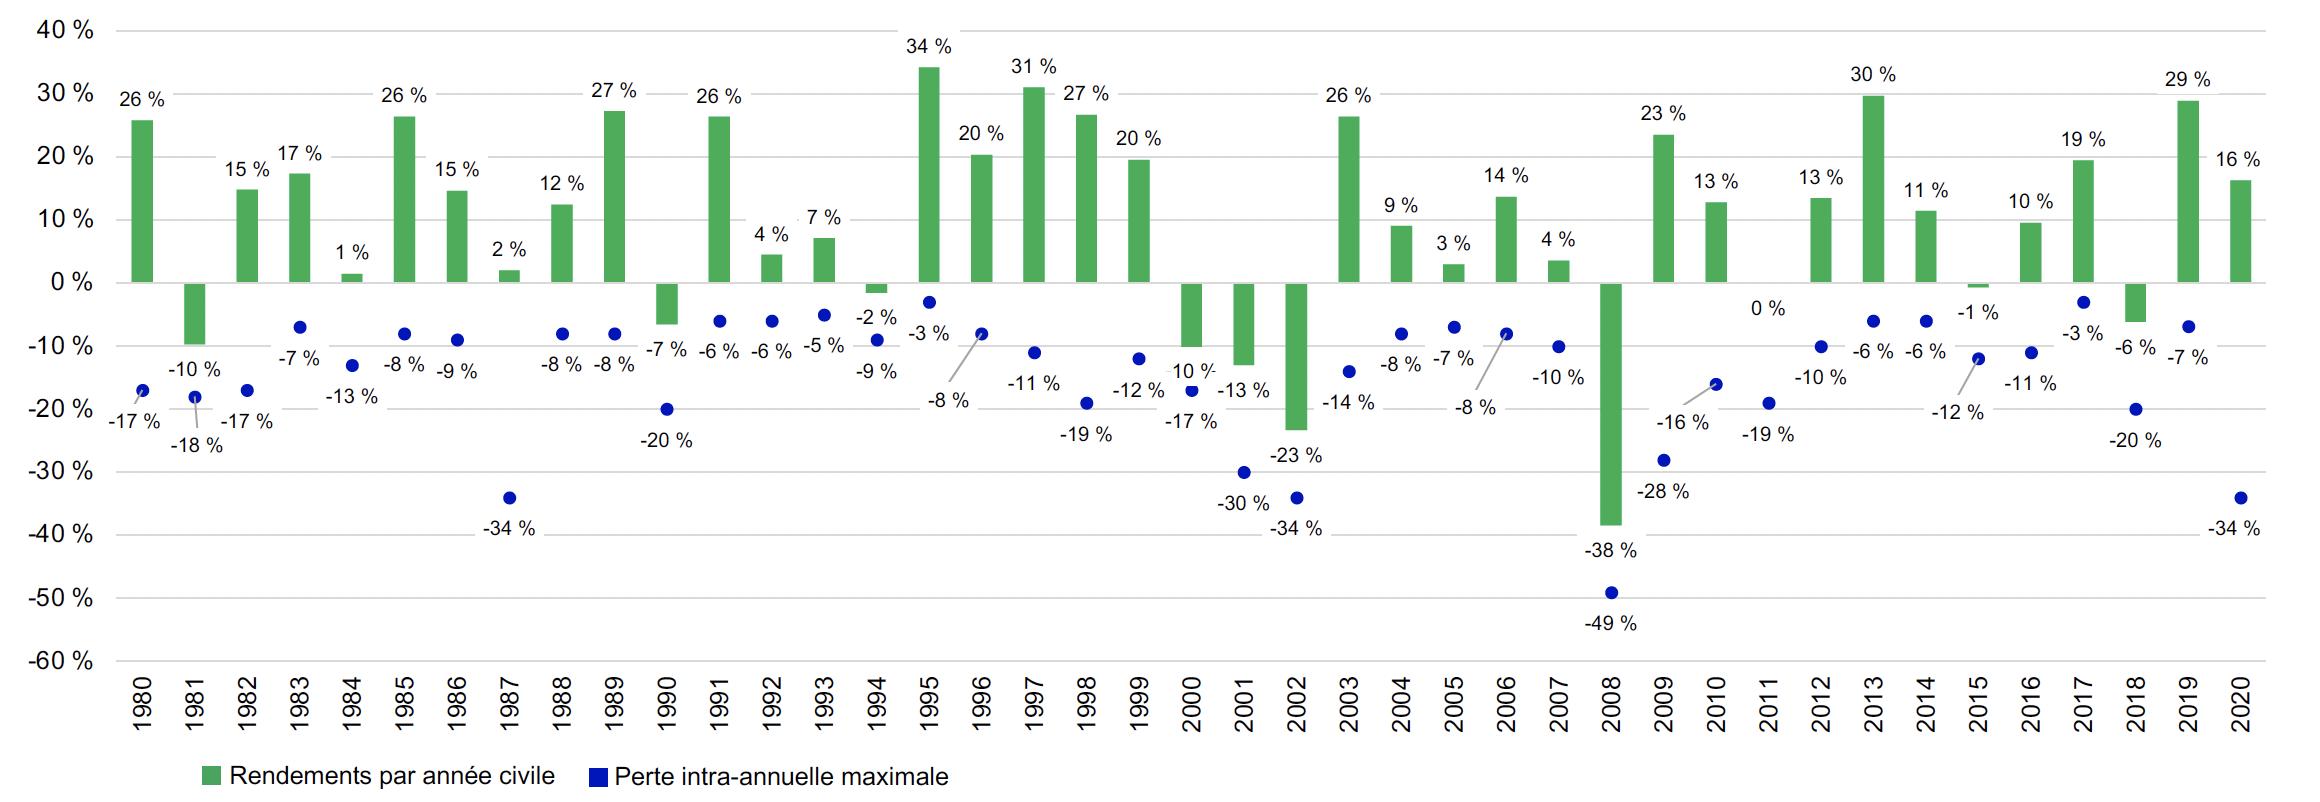 Ce graphique à barres indique les rendements de l'indice S&P 500 de 1980 à 2020. Il indique également la perte maximale pour chaque année civile.